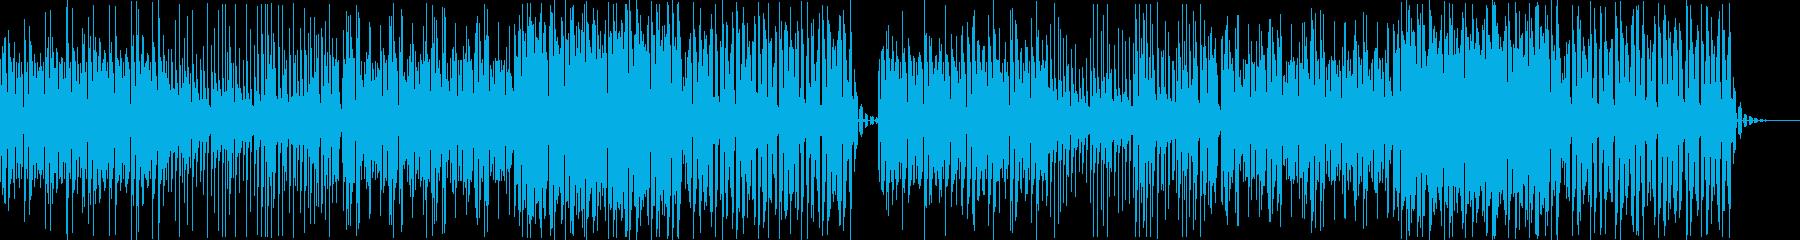 クール・スタイリッシュ・EDM・12の再生済みの波形